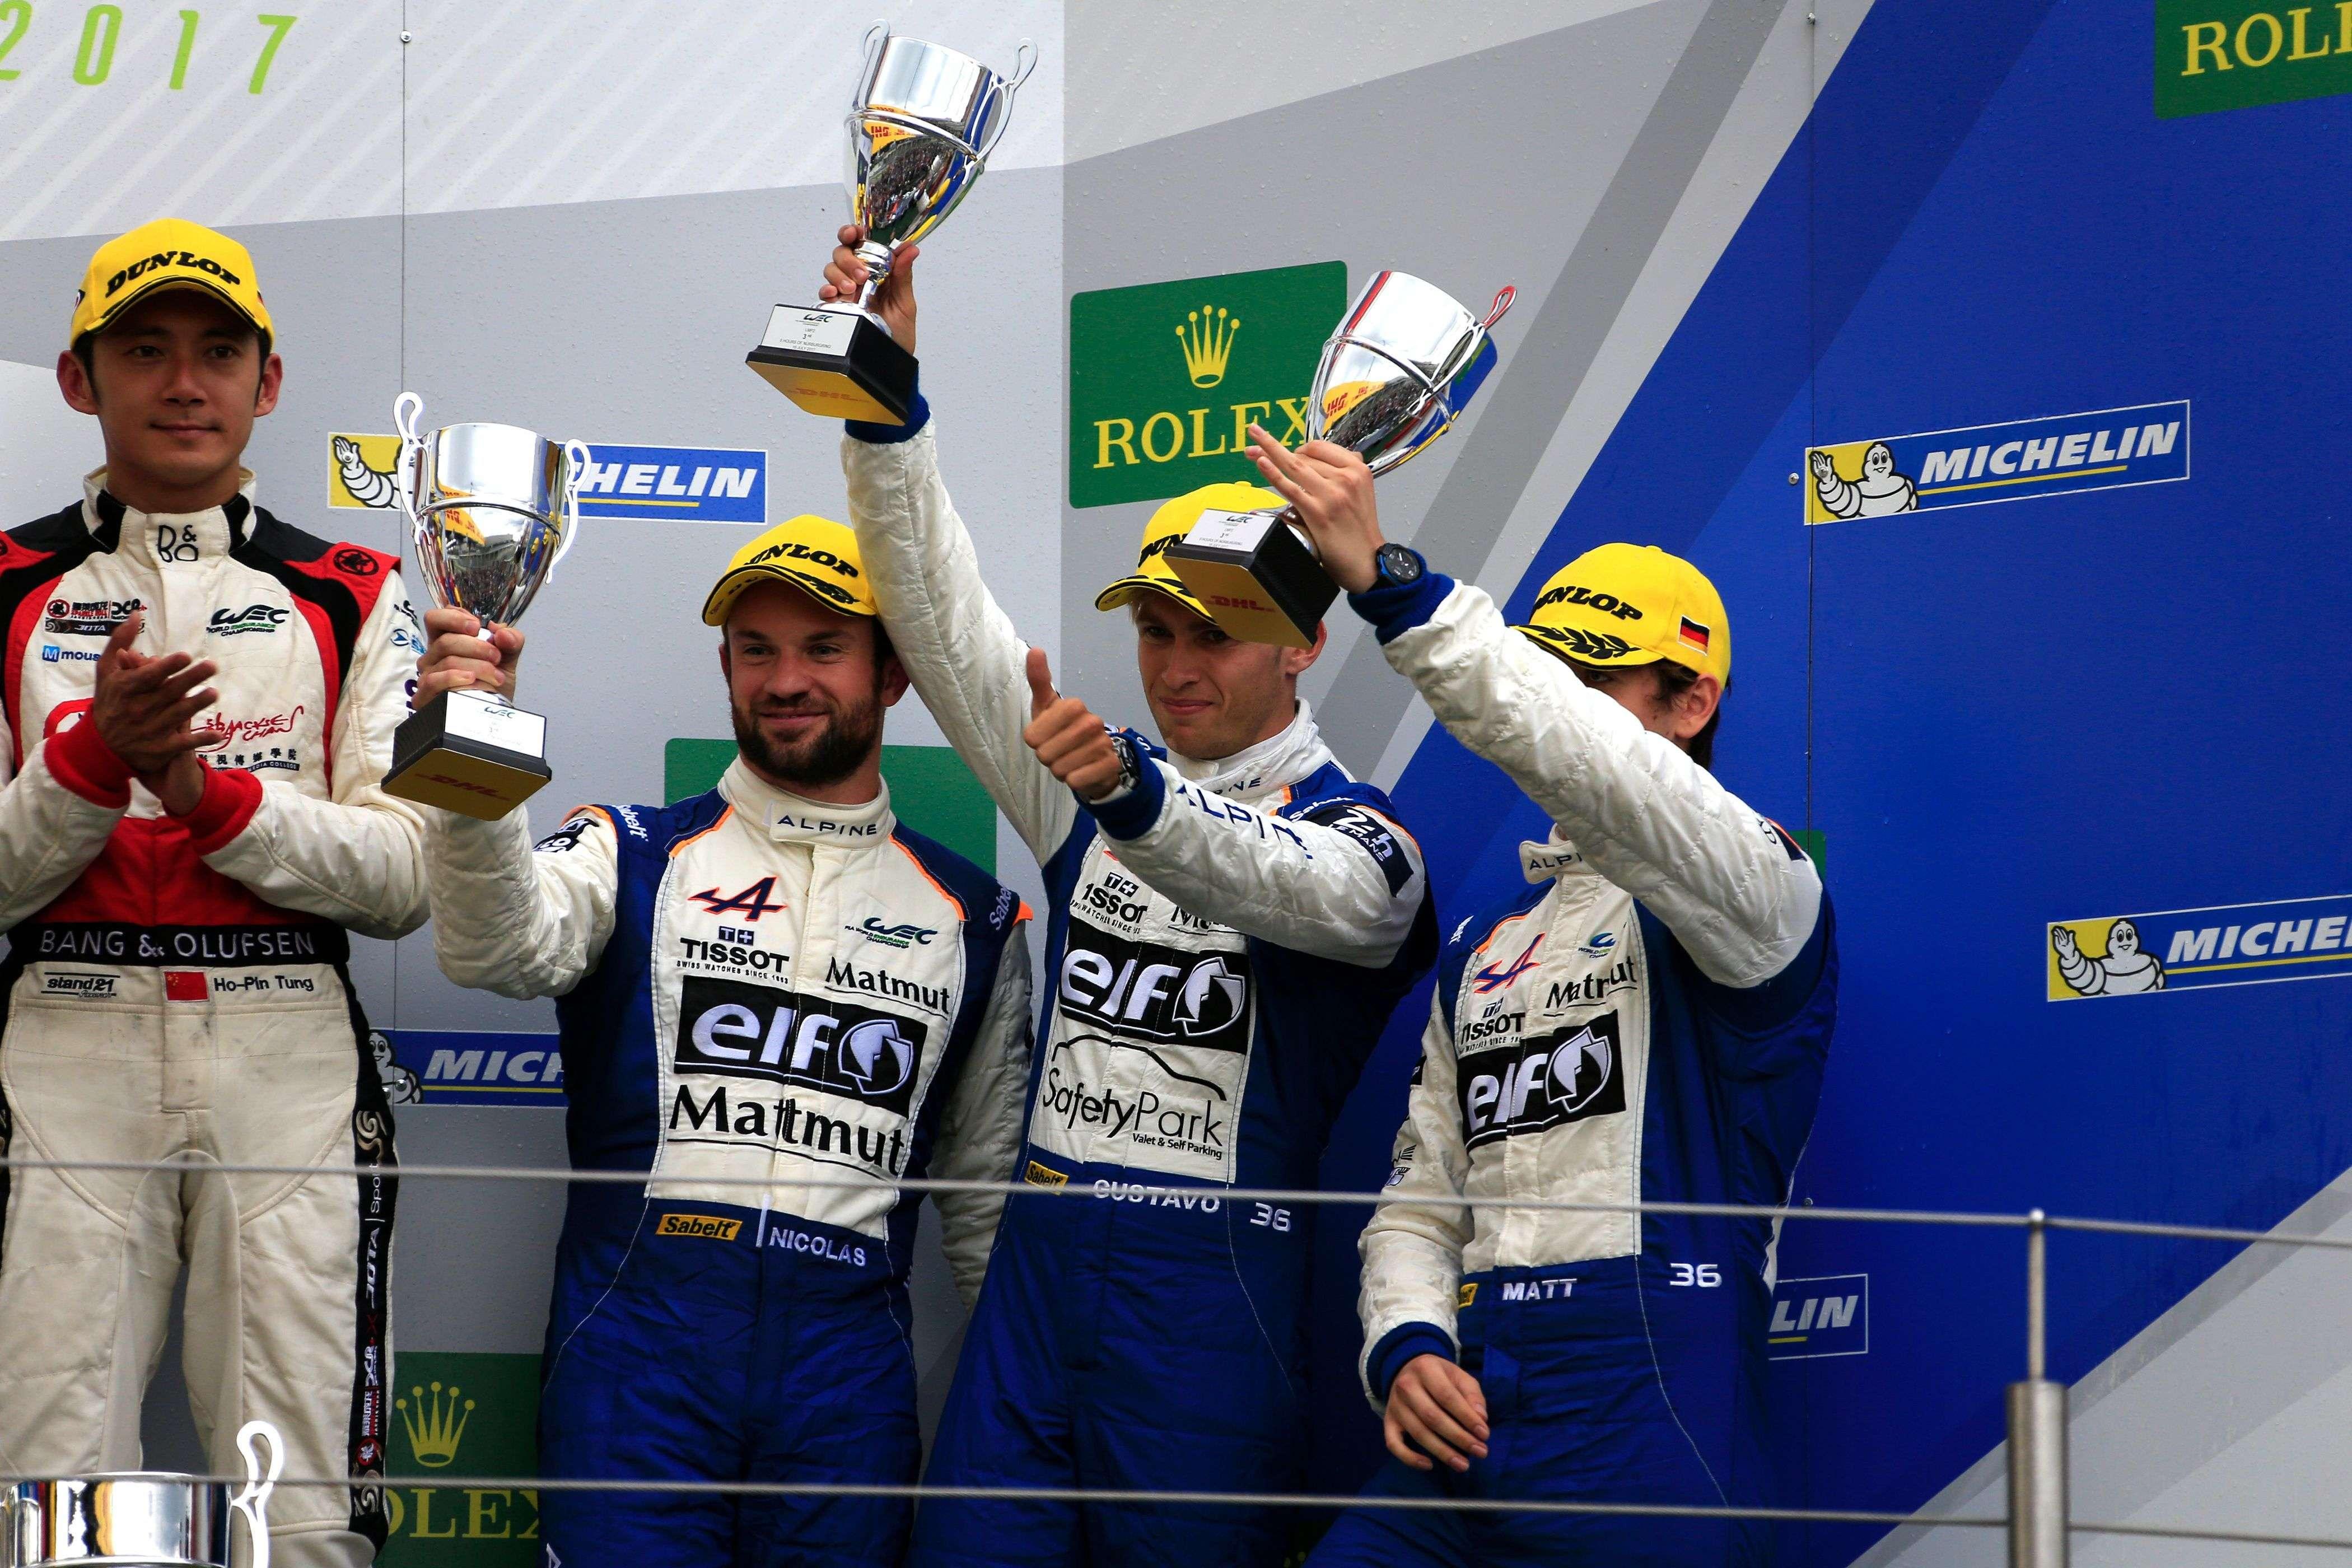 Команда Signatech Alpine Matmut стверджує, що своєю наполегливістю здатна завоювати друге місце на п'єдесталі